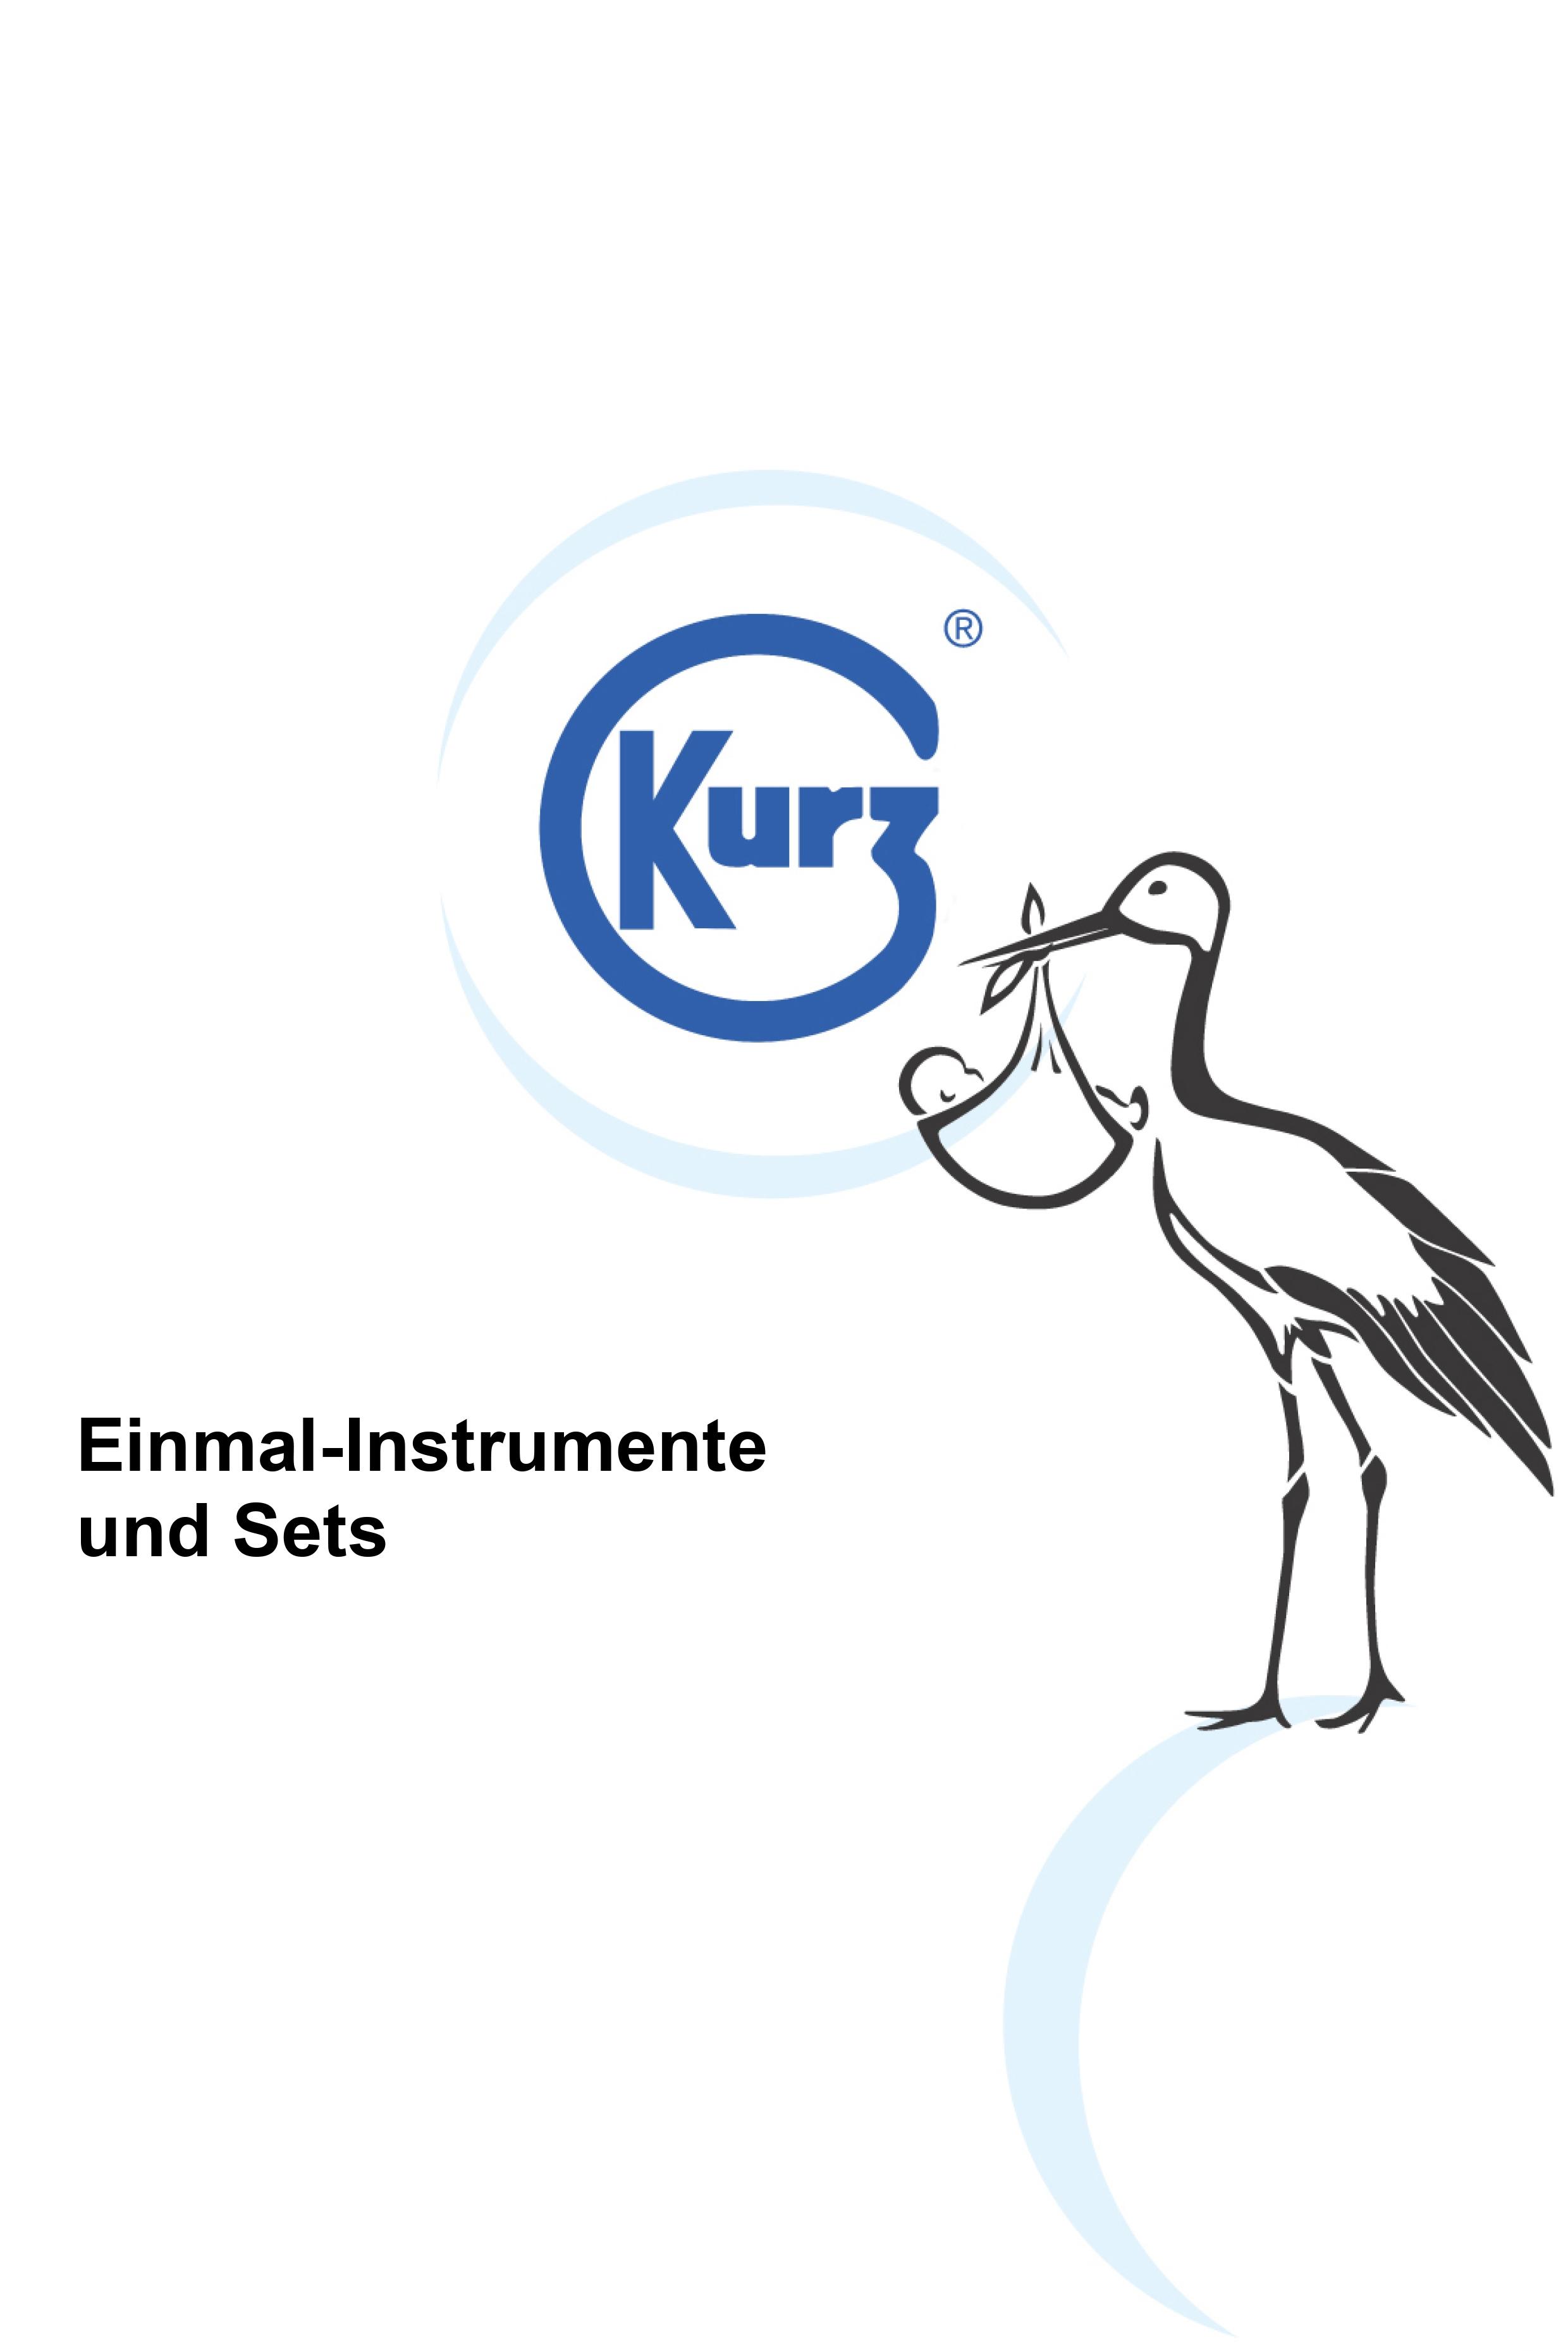 Einmal-Instrumente und Sets